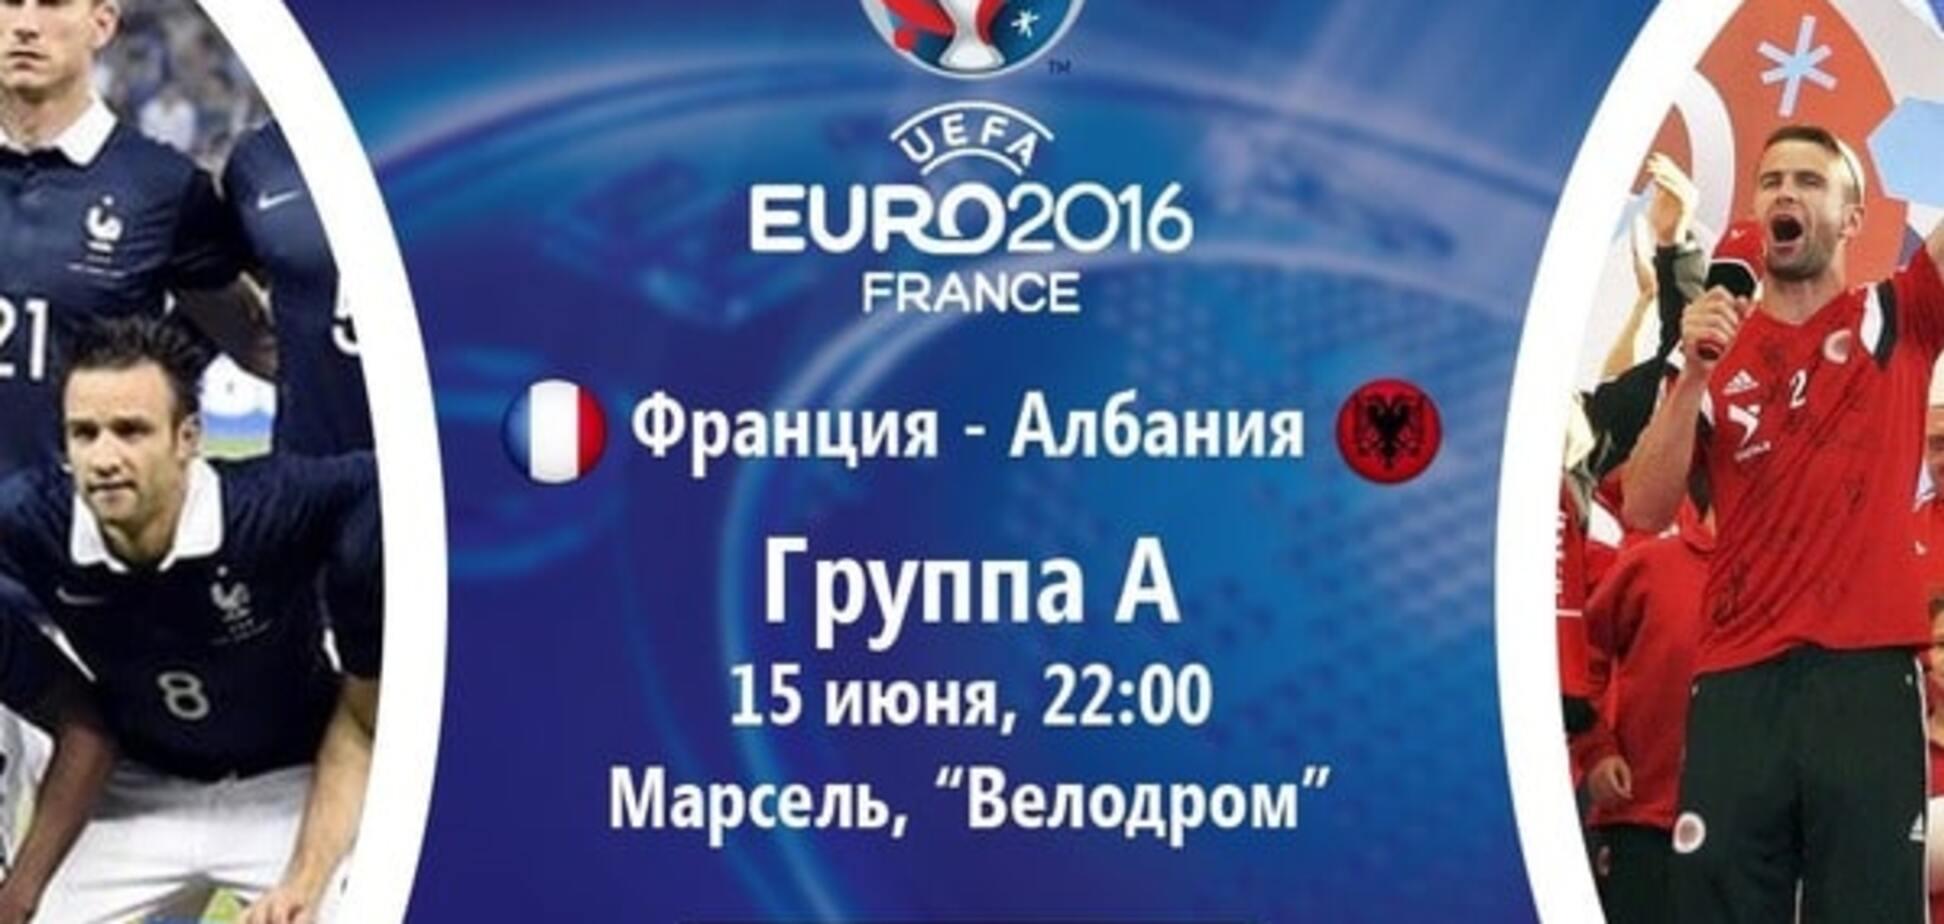 Франція - Албанія Євро-2016